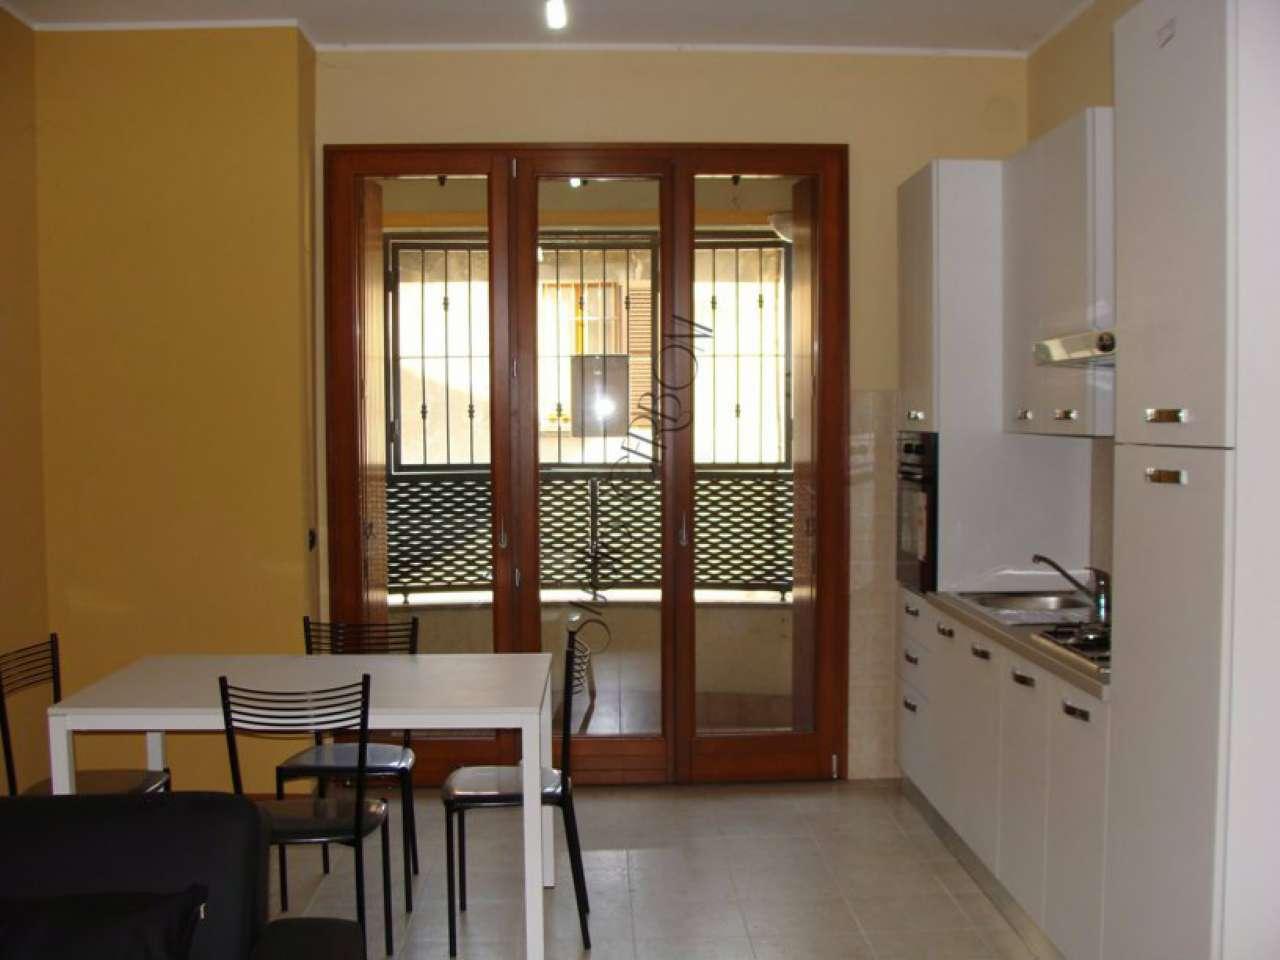 Appartamento in vendita a Inzago, 2 locali, prezzo € 125.000 | CambioCasa.it